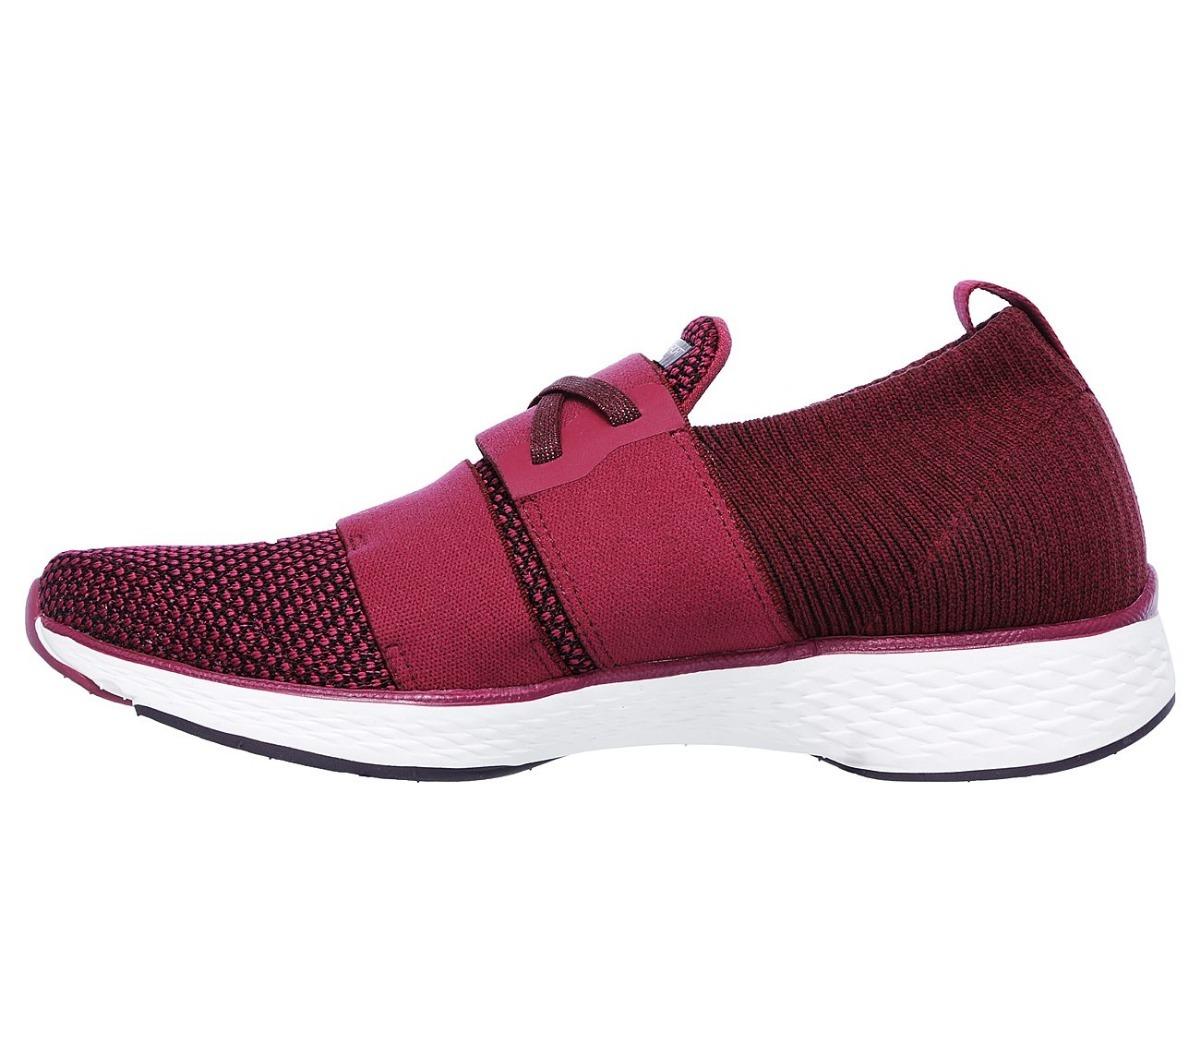 a7818b160e581 zapatillas skechers mujer go walk sport devote. Cargando zoom.